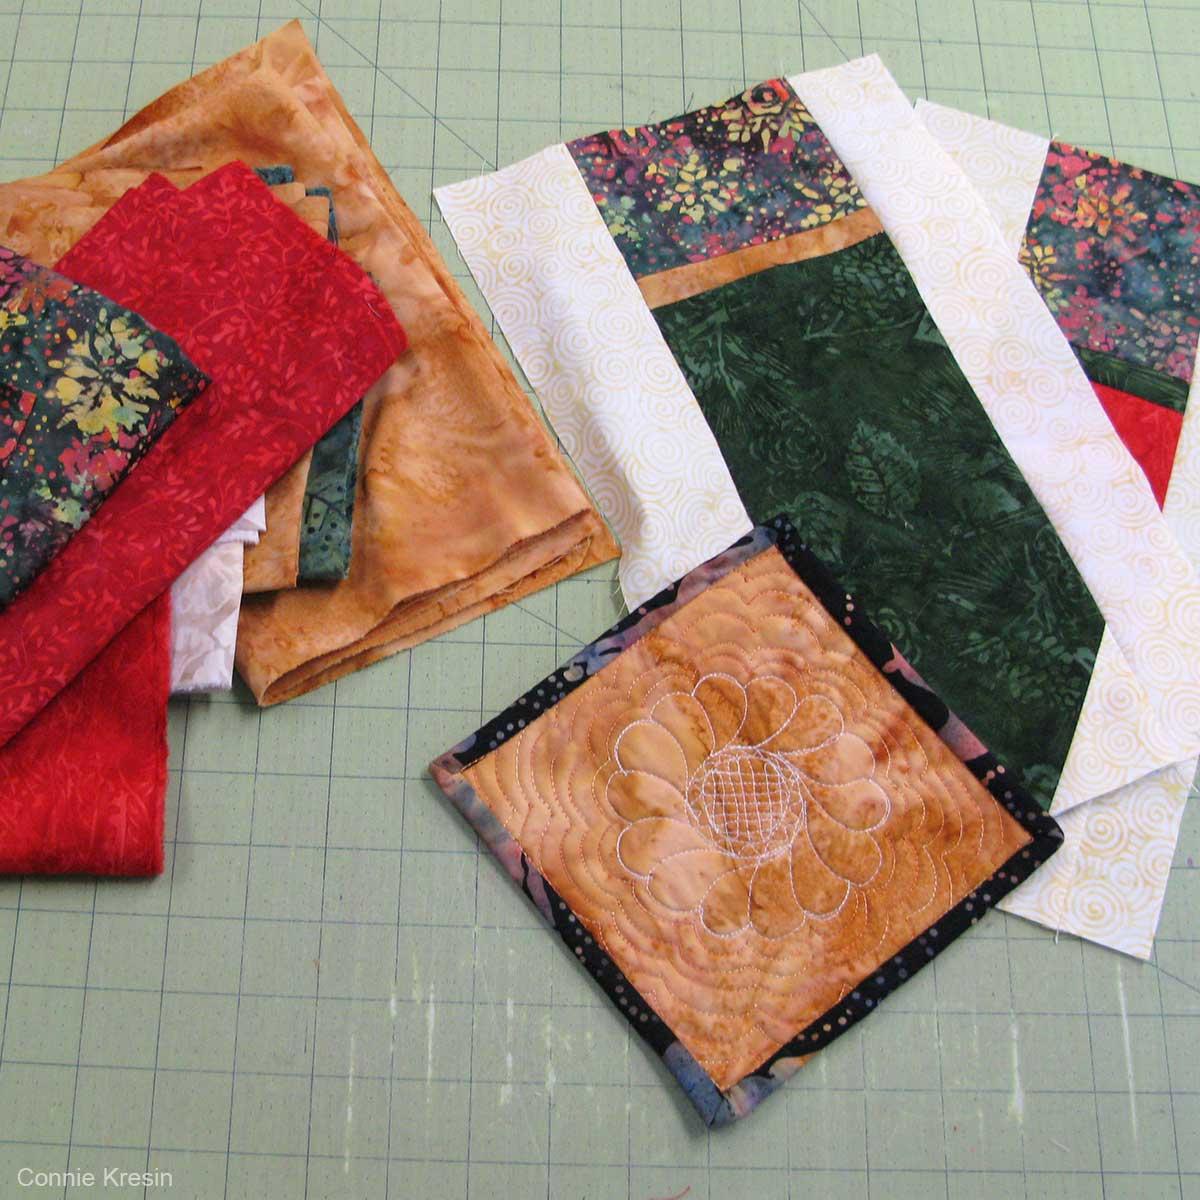 Island Batik fabrics used